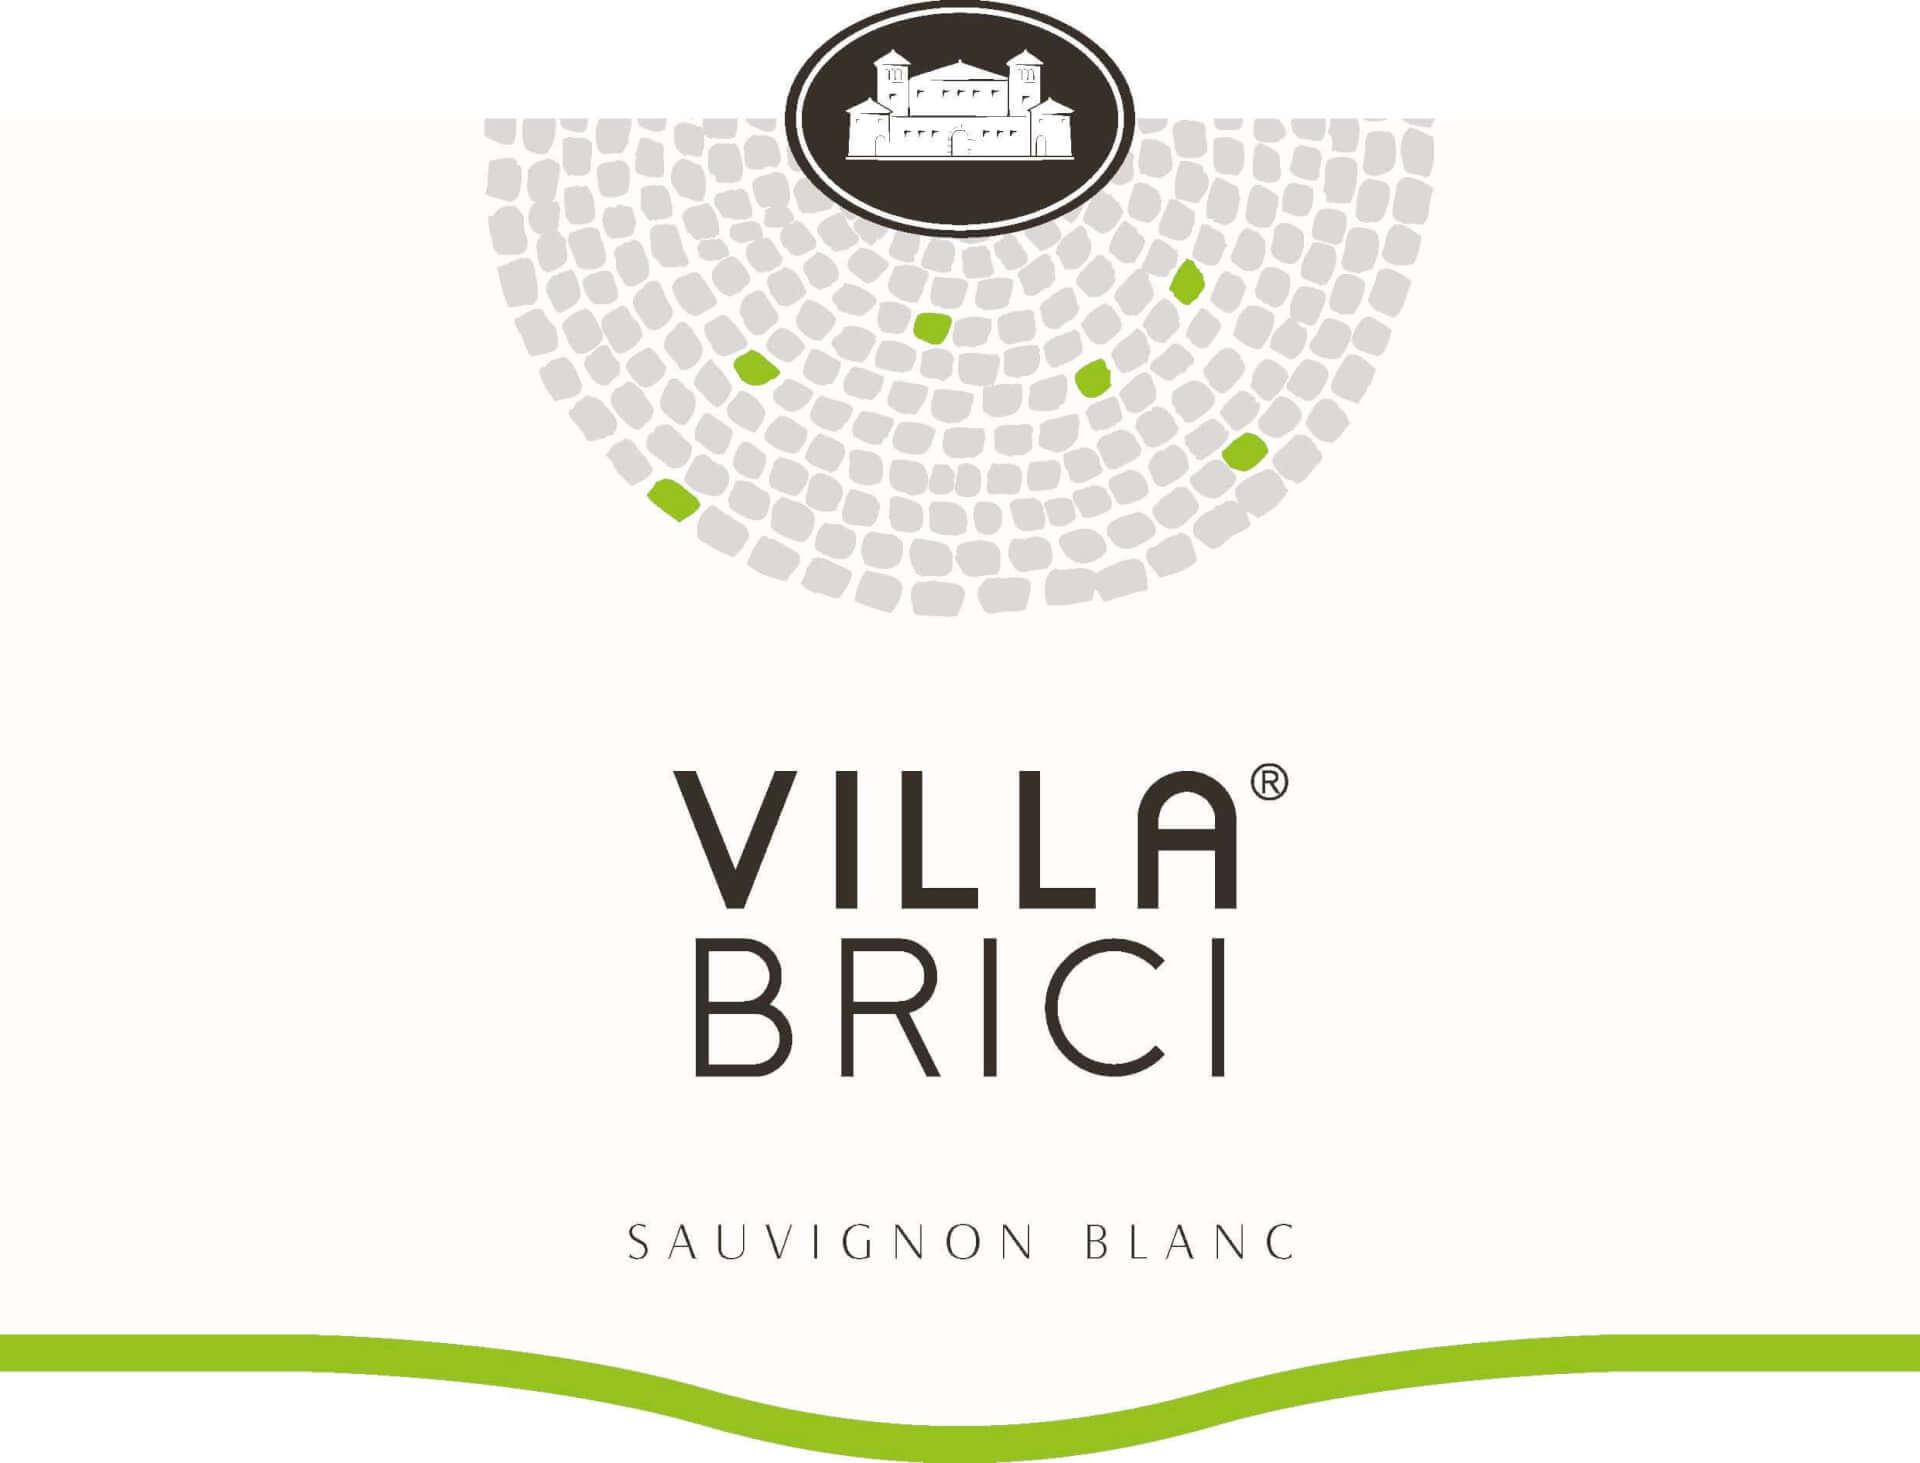 Villa Brici Sauvignon Blanc Front (002) (1)